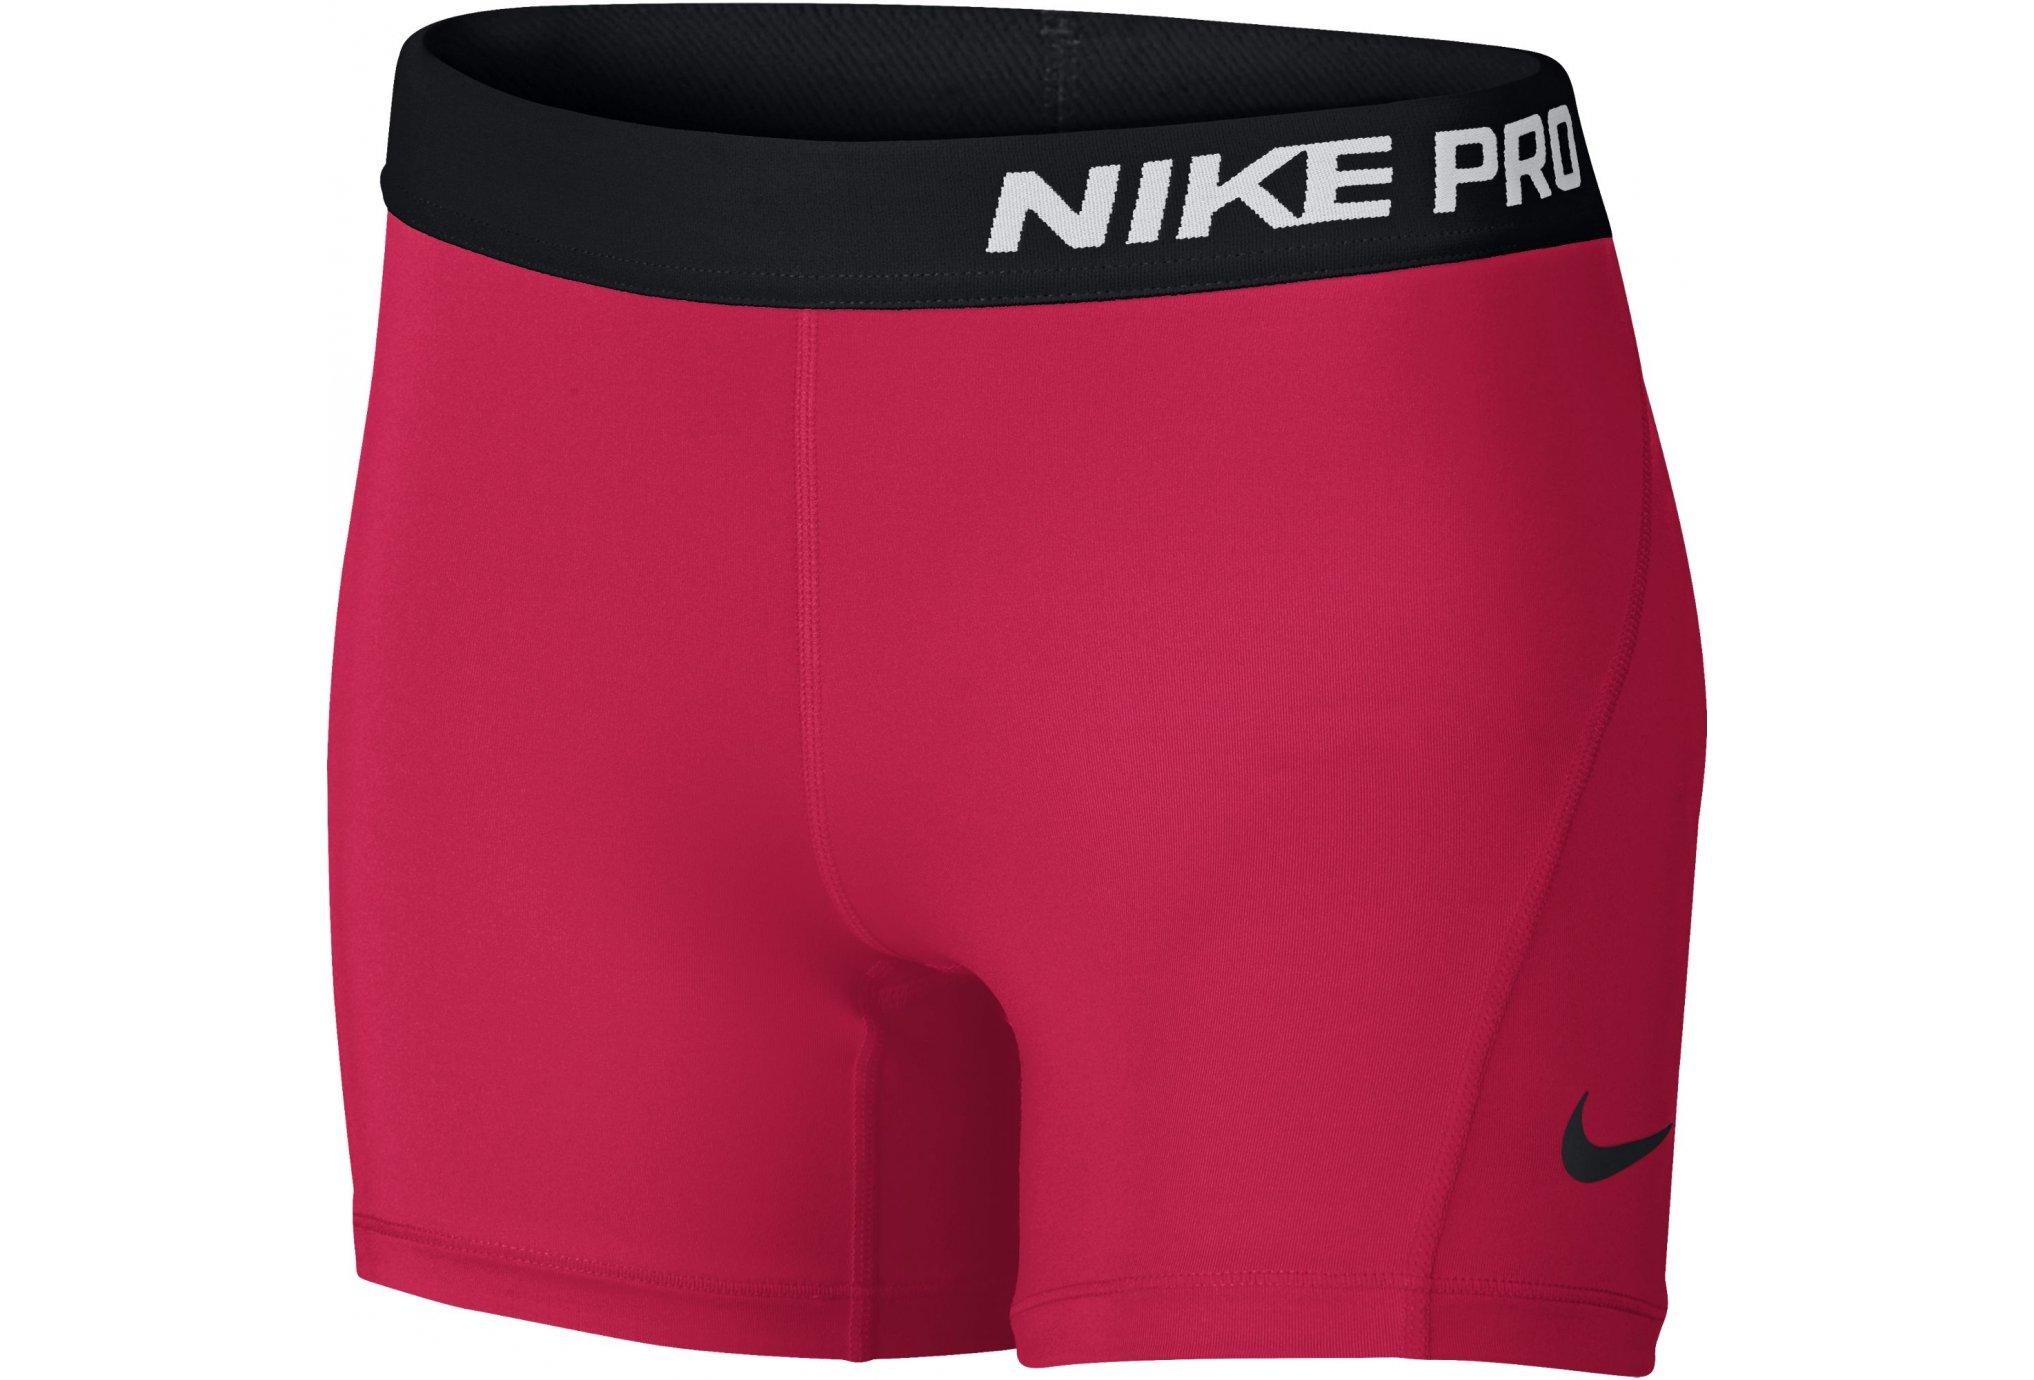 Nike Pro Short Fille vêtement running femme